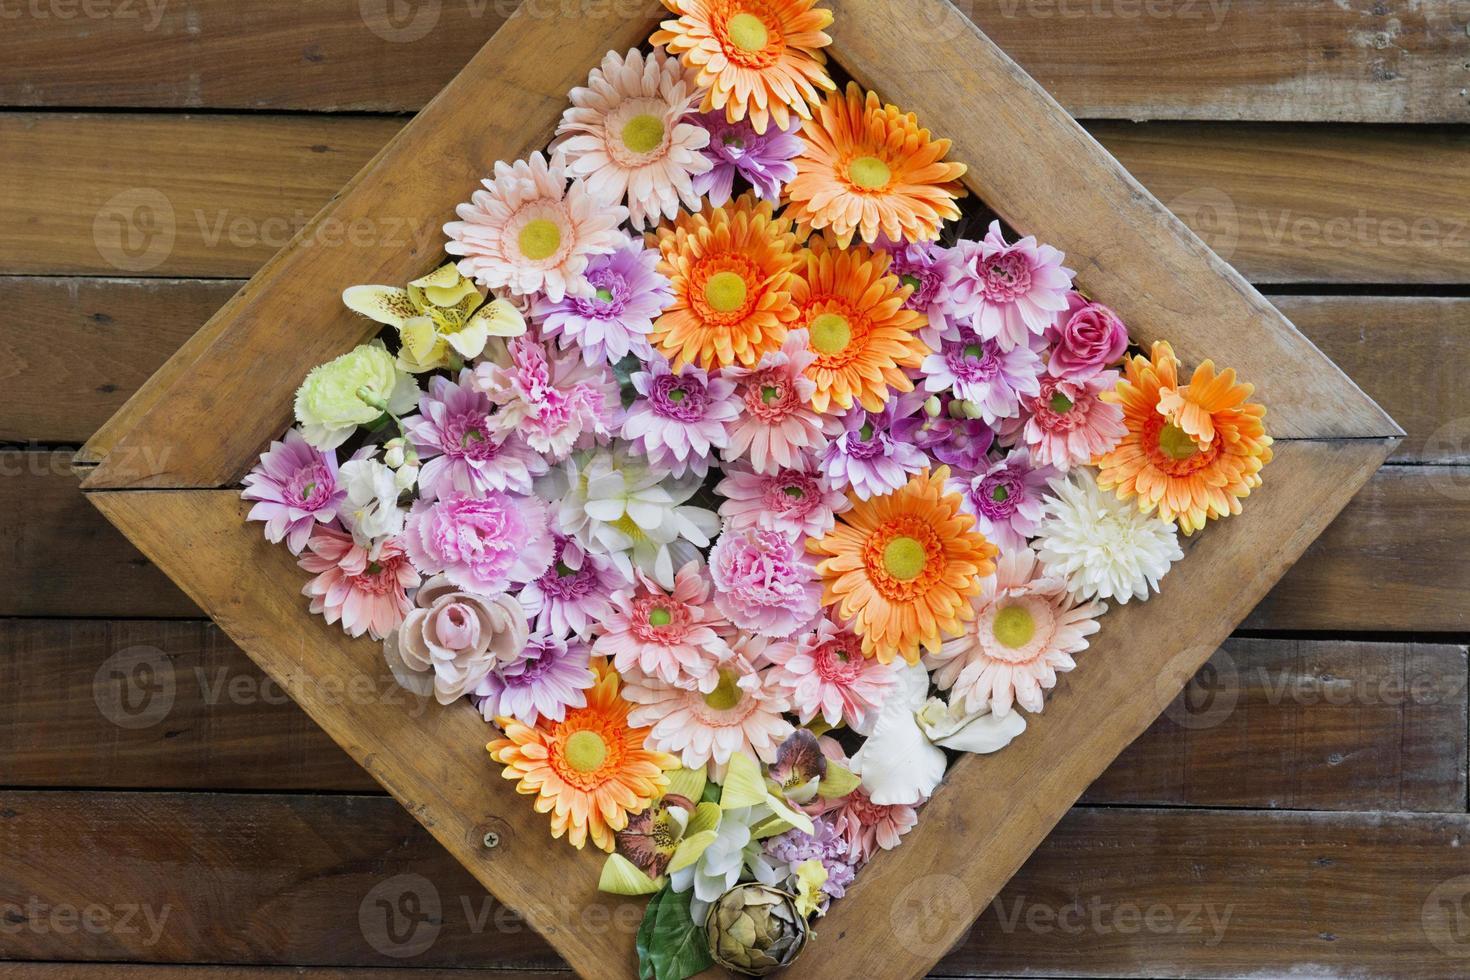 molti fiori tenuti insieme meravigliosamente foto